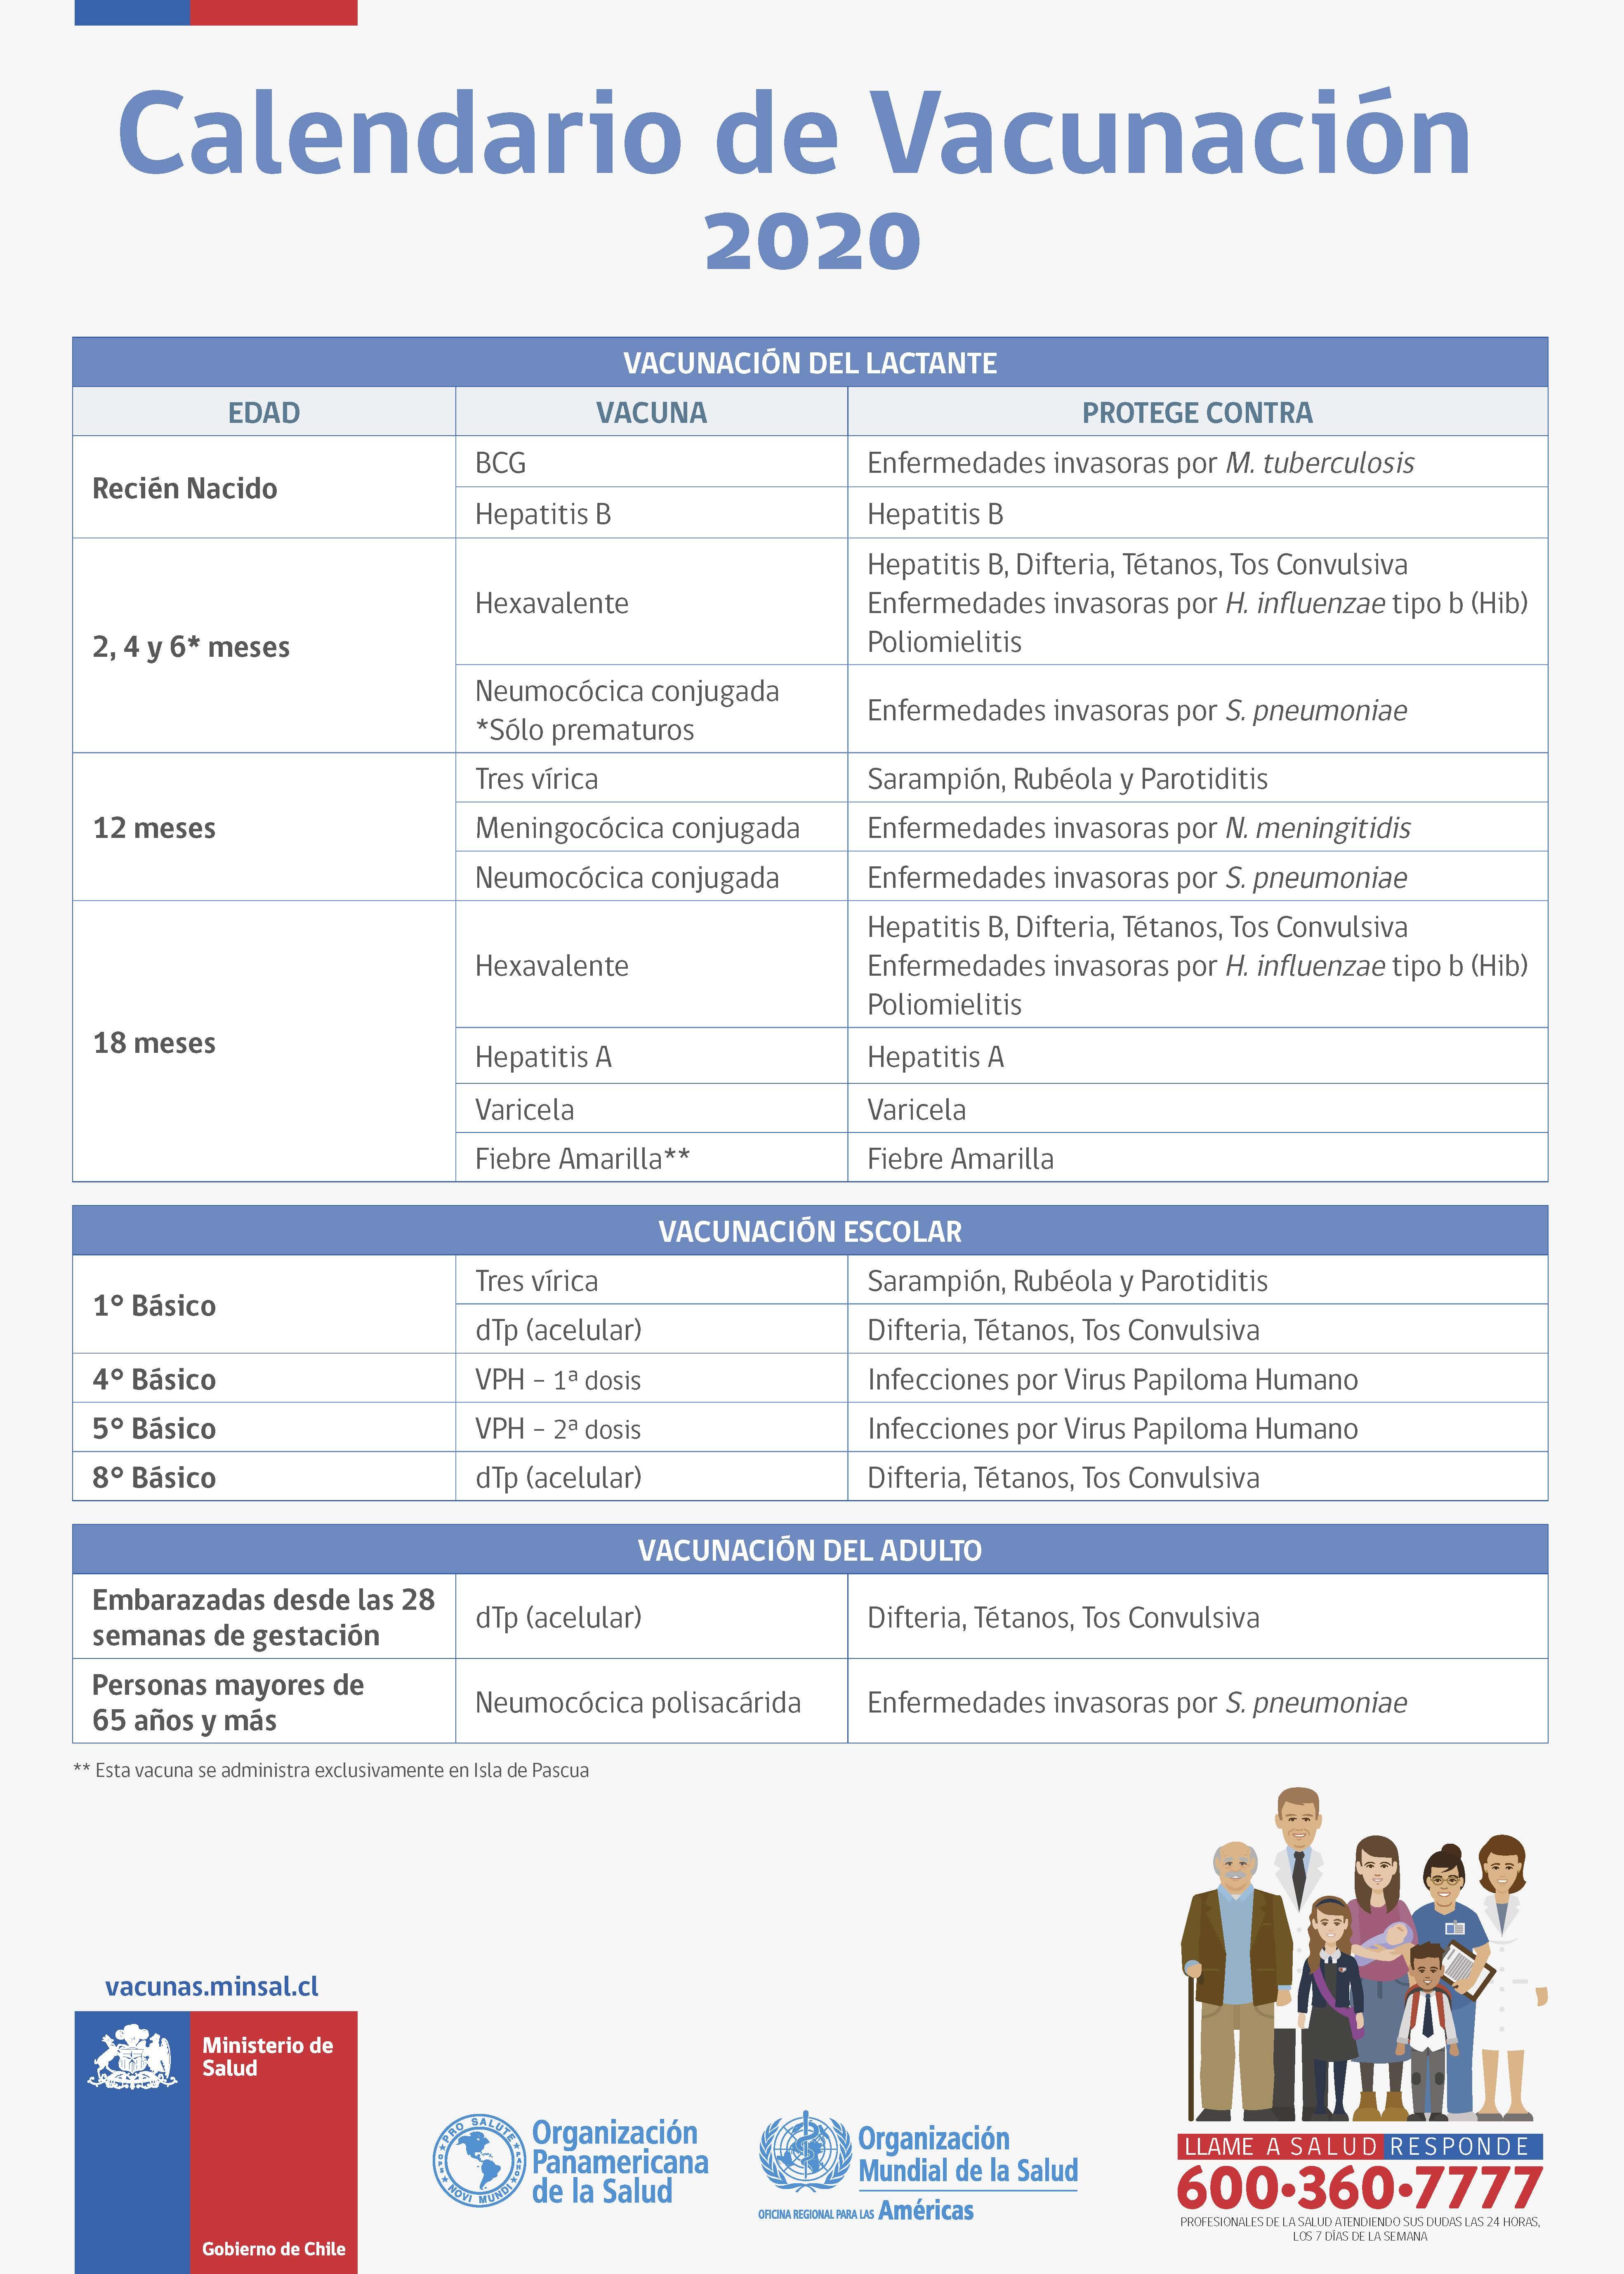 CALENDARIO-VACUNACION-2020_FINAL_web